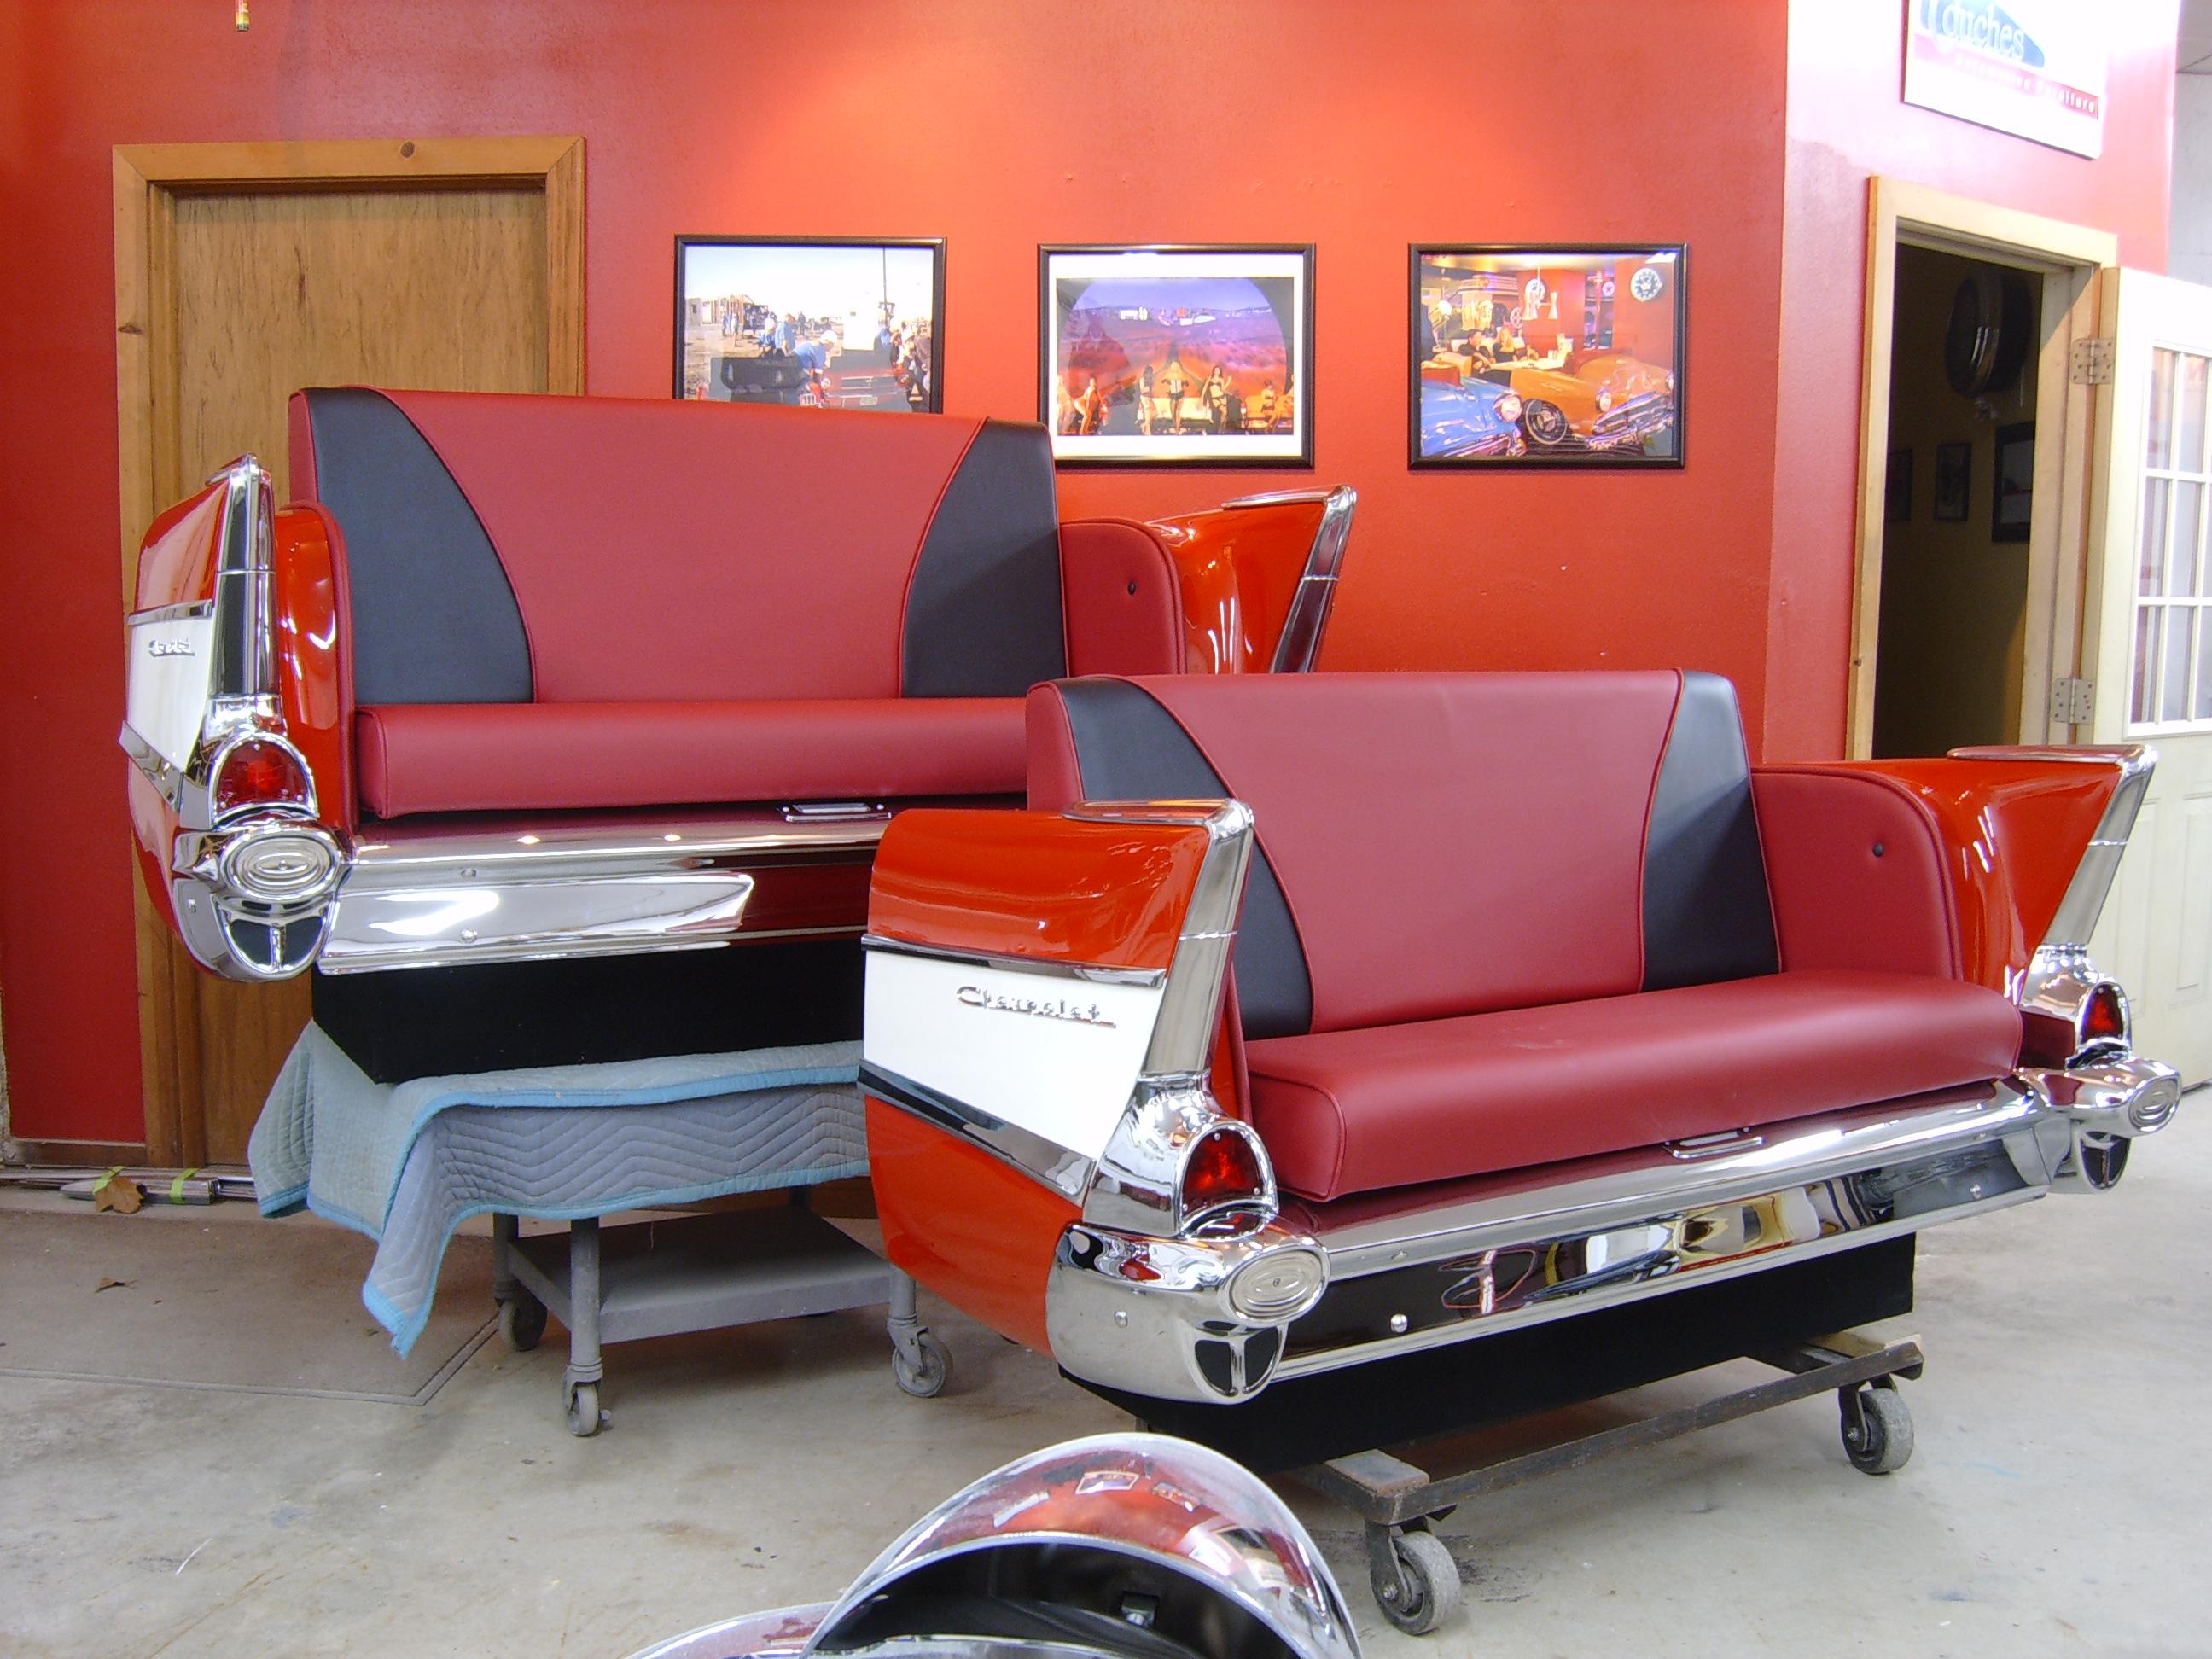 New Retro Cars Restored Classic Car Furniture And Decor American New Retro Automobile Furniture